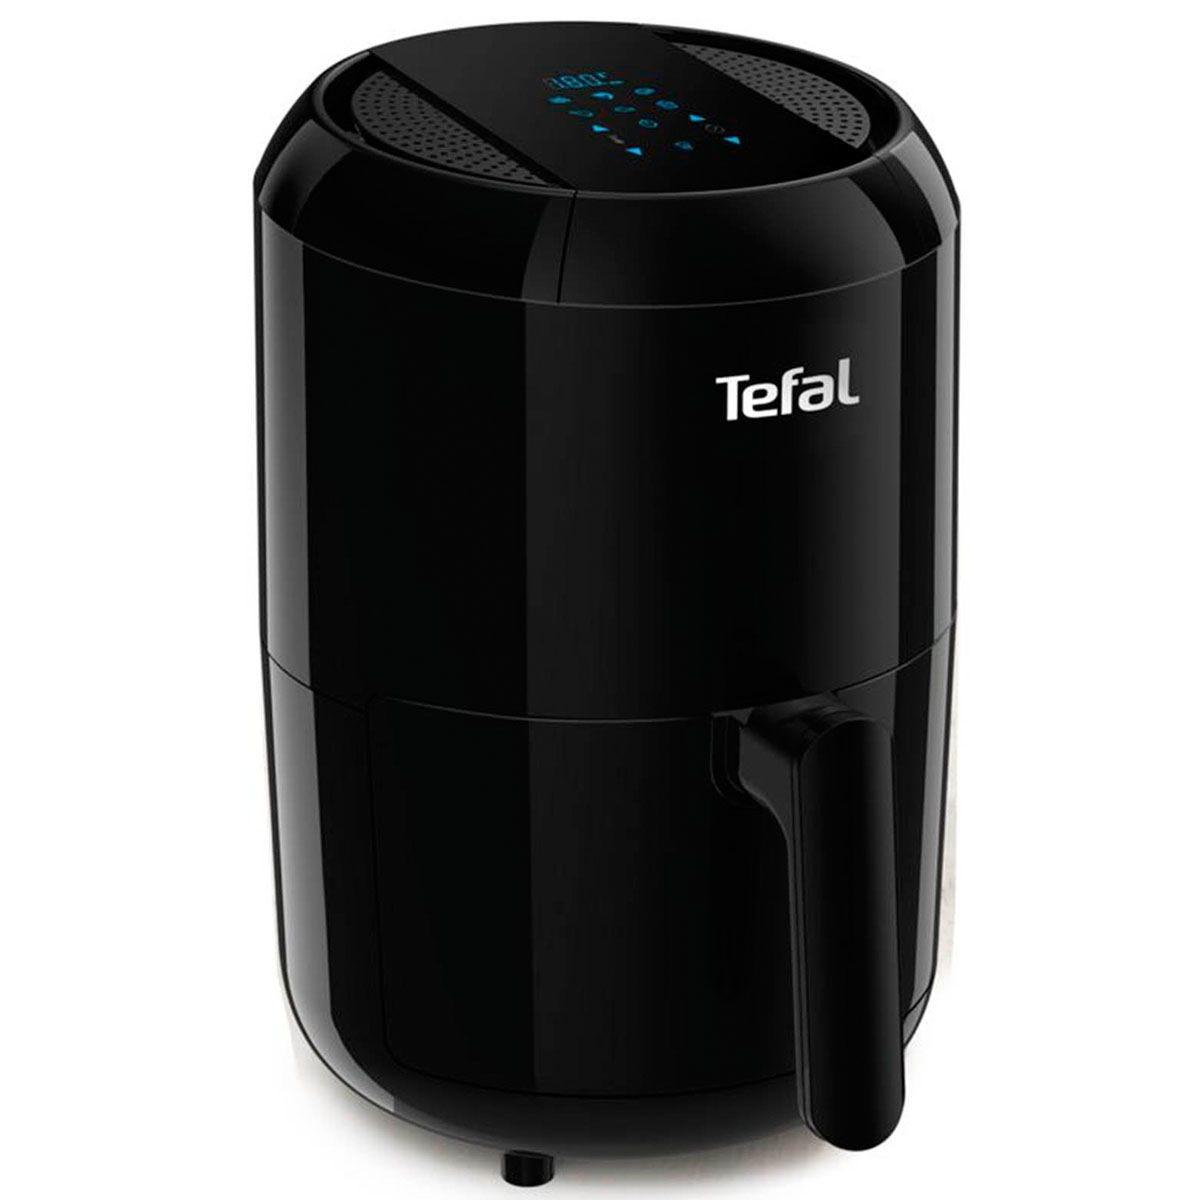 Tefal EY301840 EasyFry 0.6kg Compact Digital Air Fryer – Black